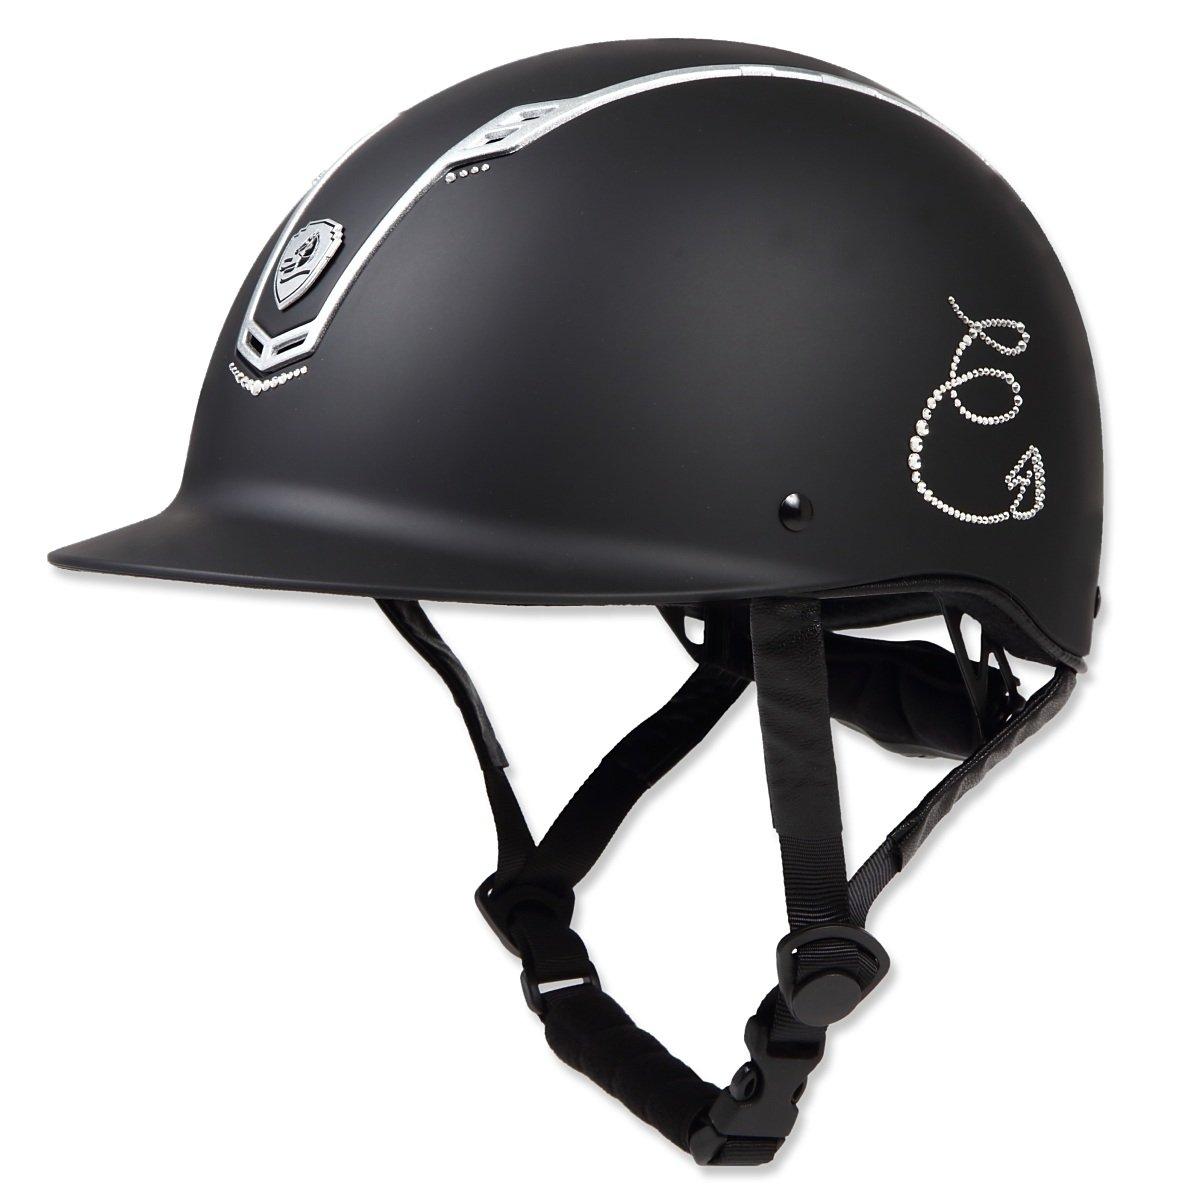 乗馬 ヘルメット プロテクター 乗馬帽 帽子 EQULIBERTA ホーススワロフスキー ソリッド ダイヤル調整ヘルメット 乗馬用品 馬具 B07FXKHHYL   Large